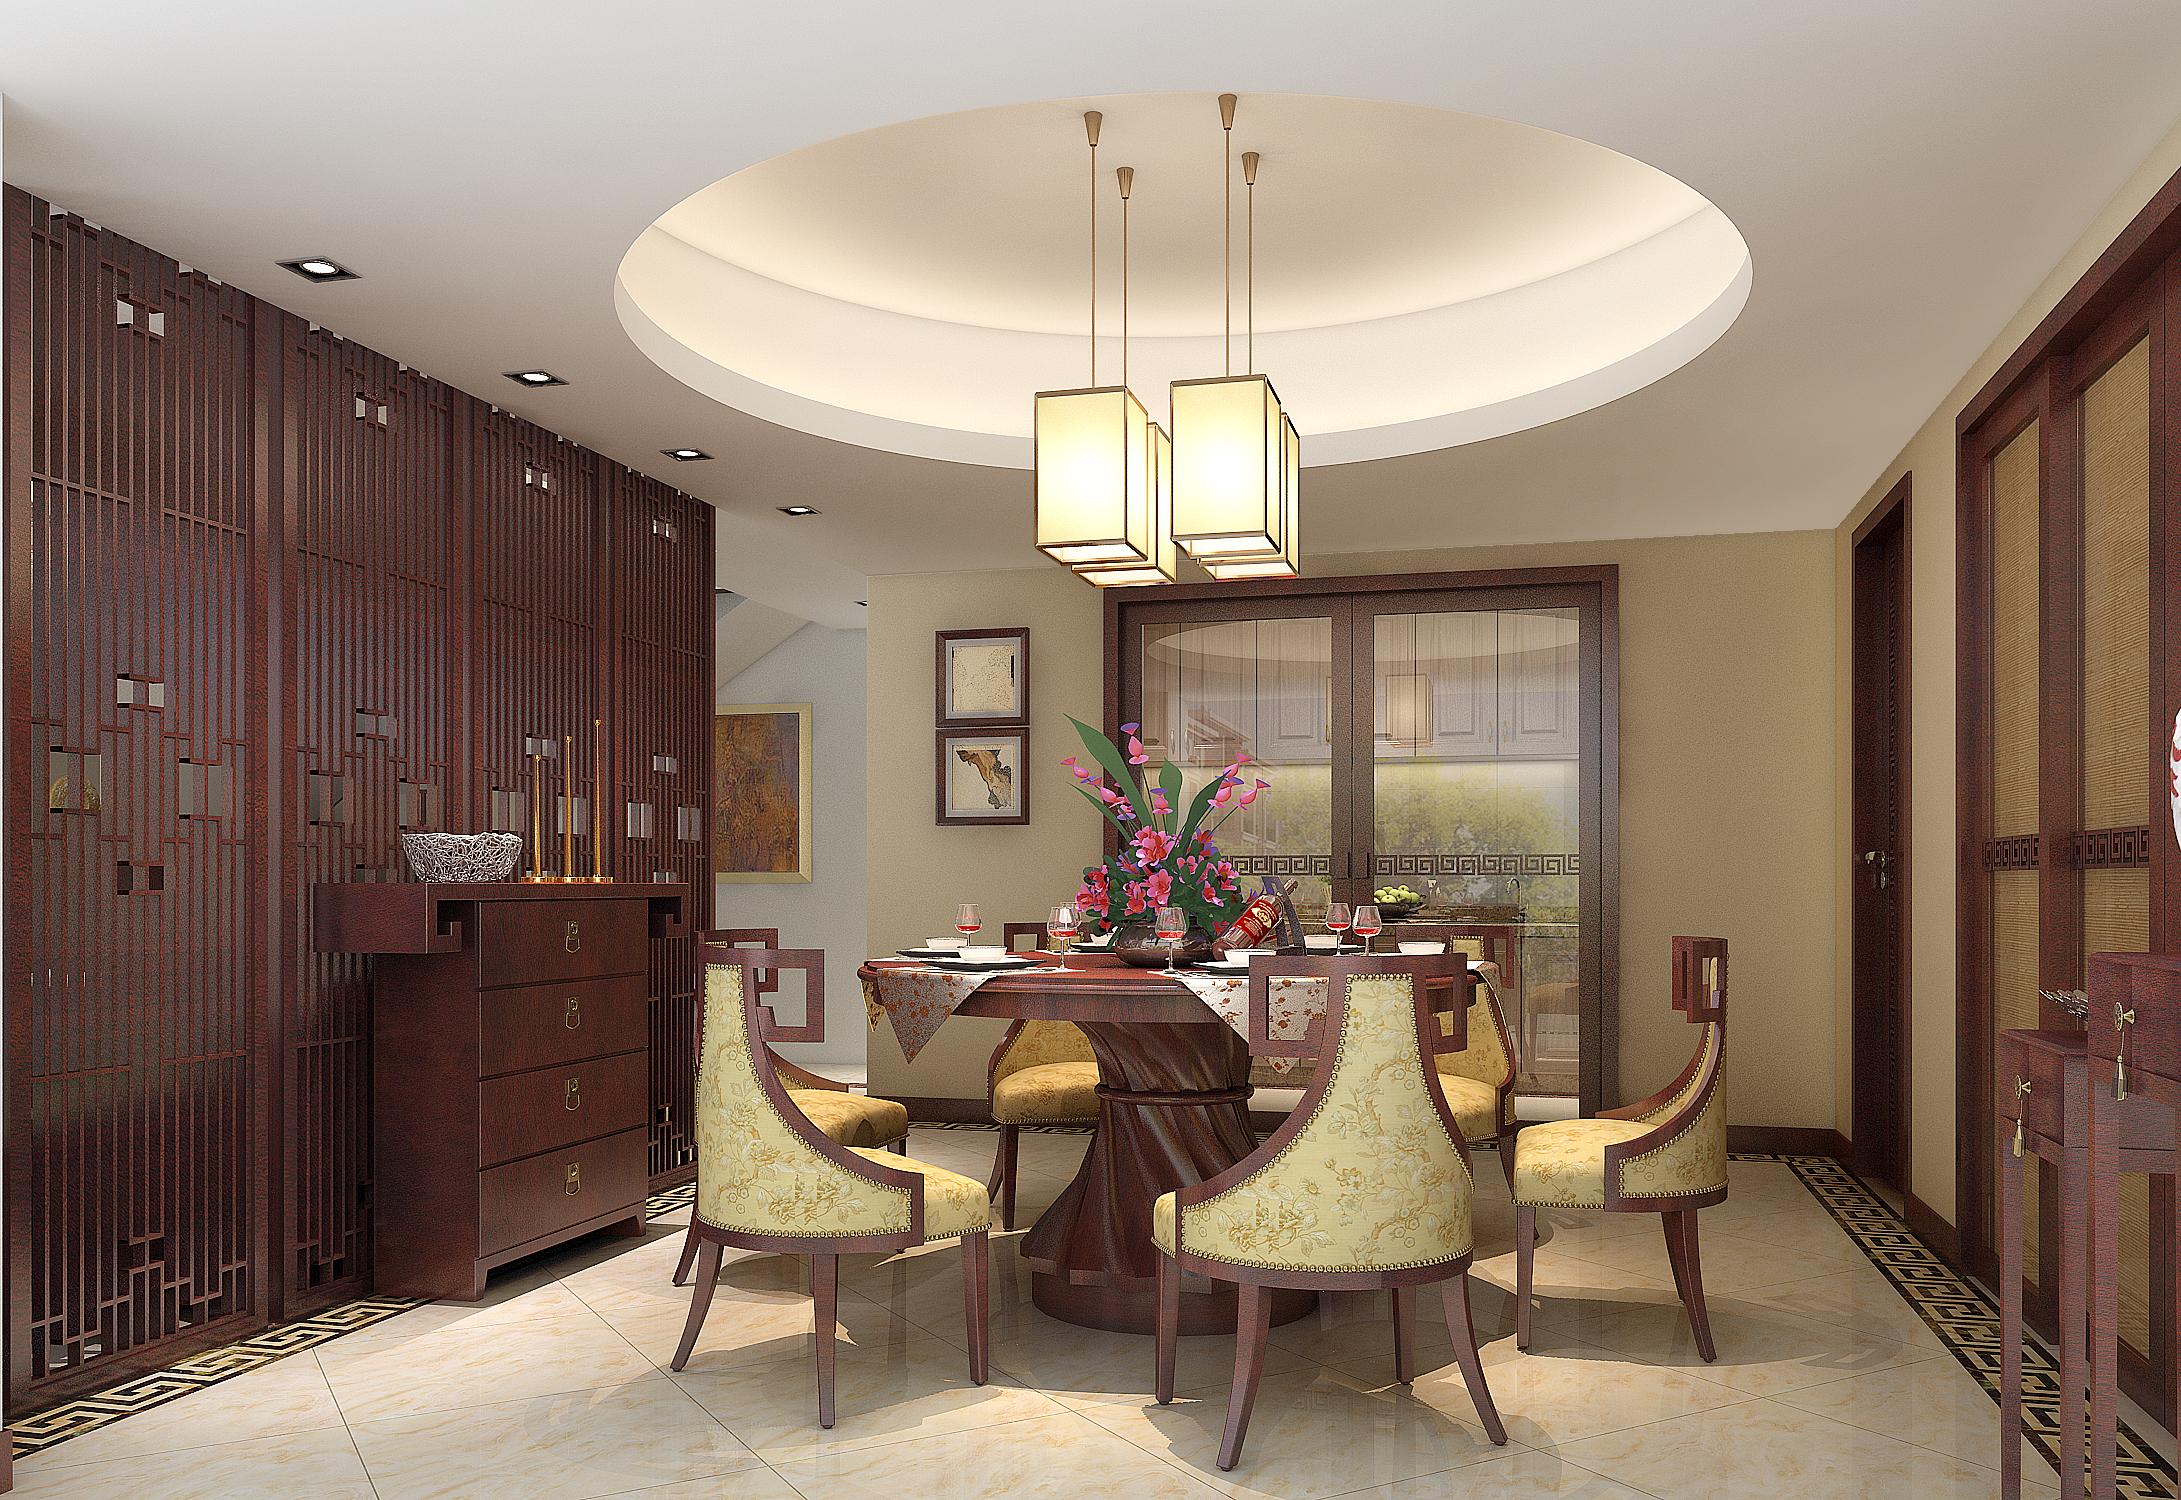 现代中式 简约 餐厅图片来自孔一程在中信君庭逸品堂的分享